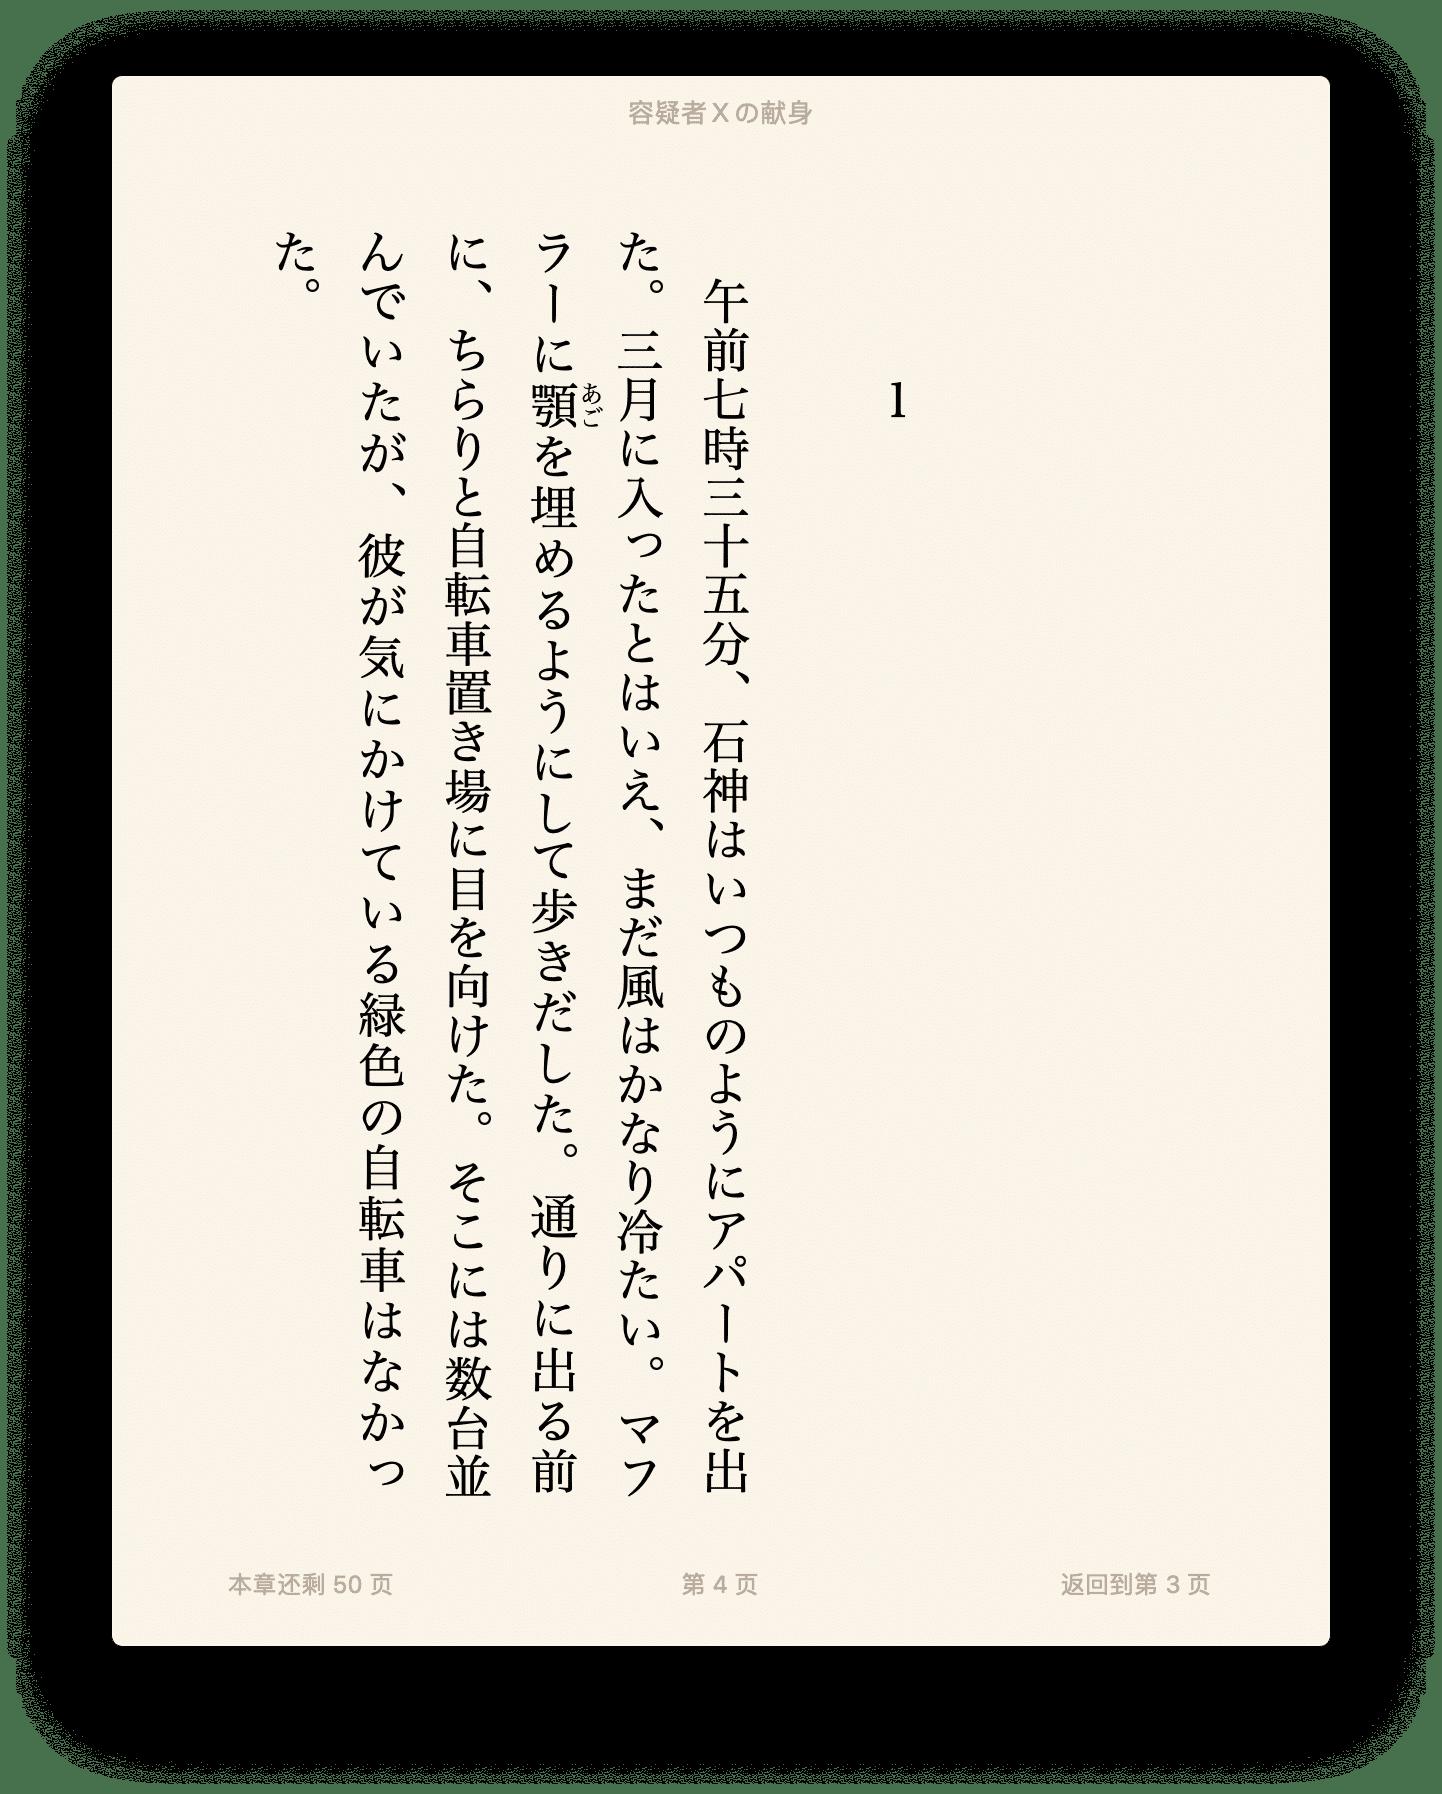 东野圭吾推理小说合集-样张-0